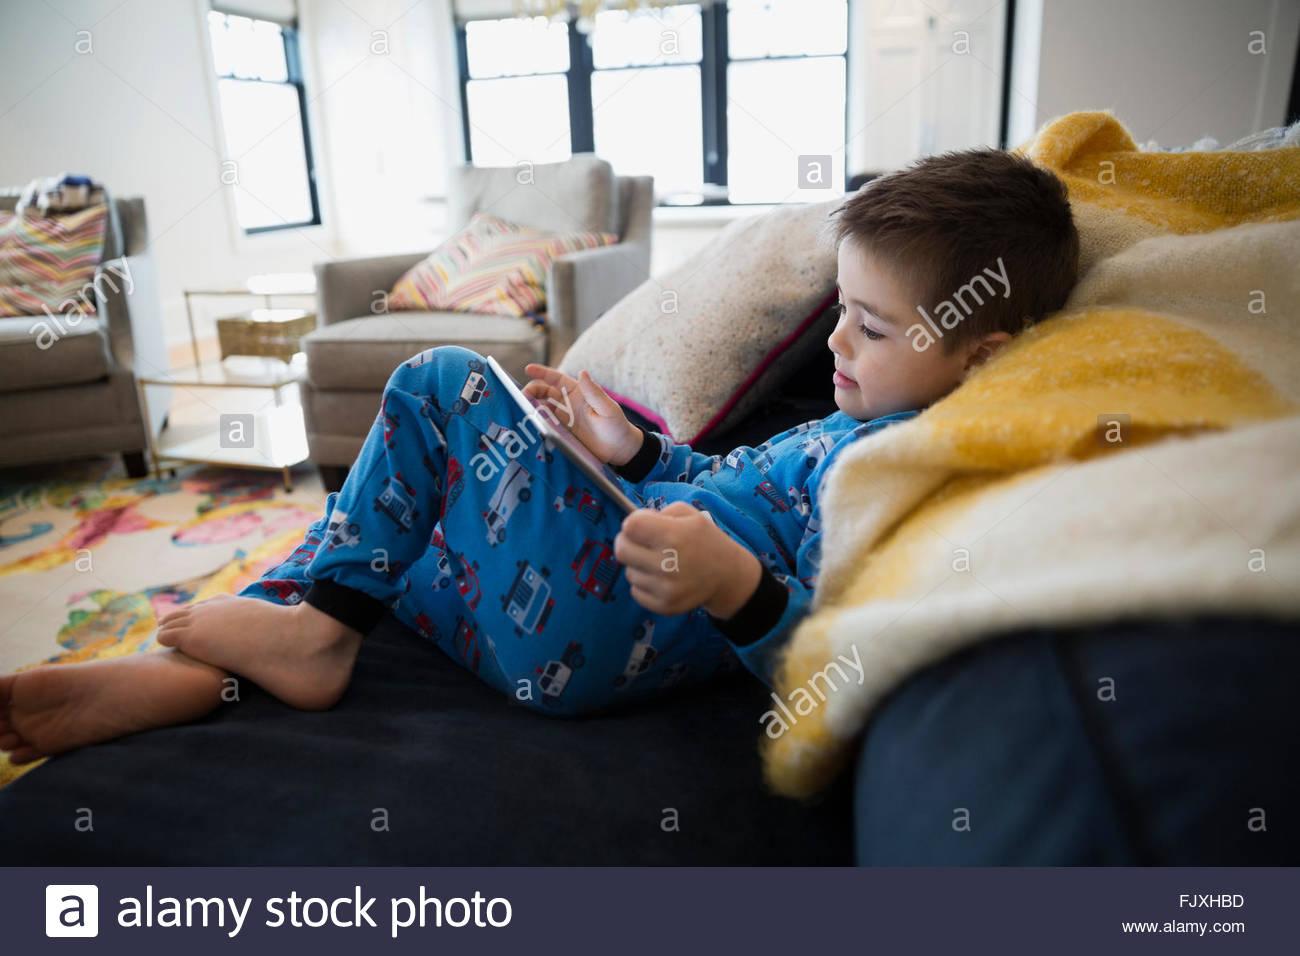 Ragazzo in pigiama con tavoletta digitale sul divano Immagini Stock